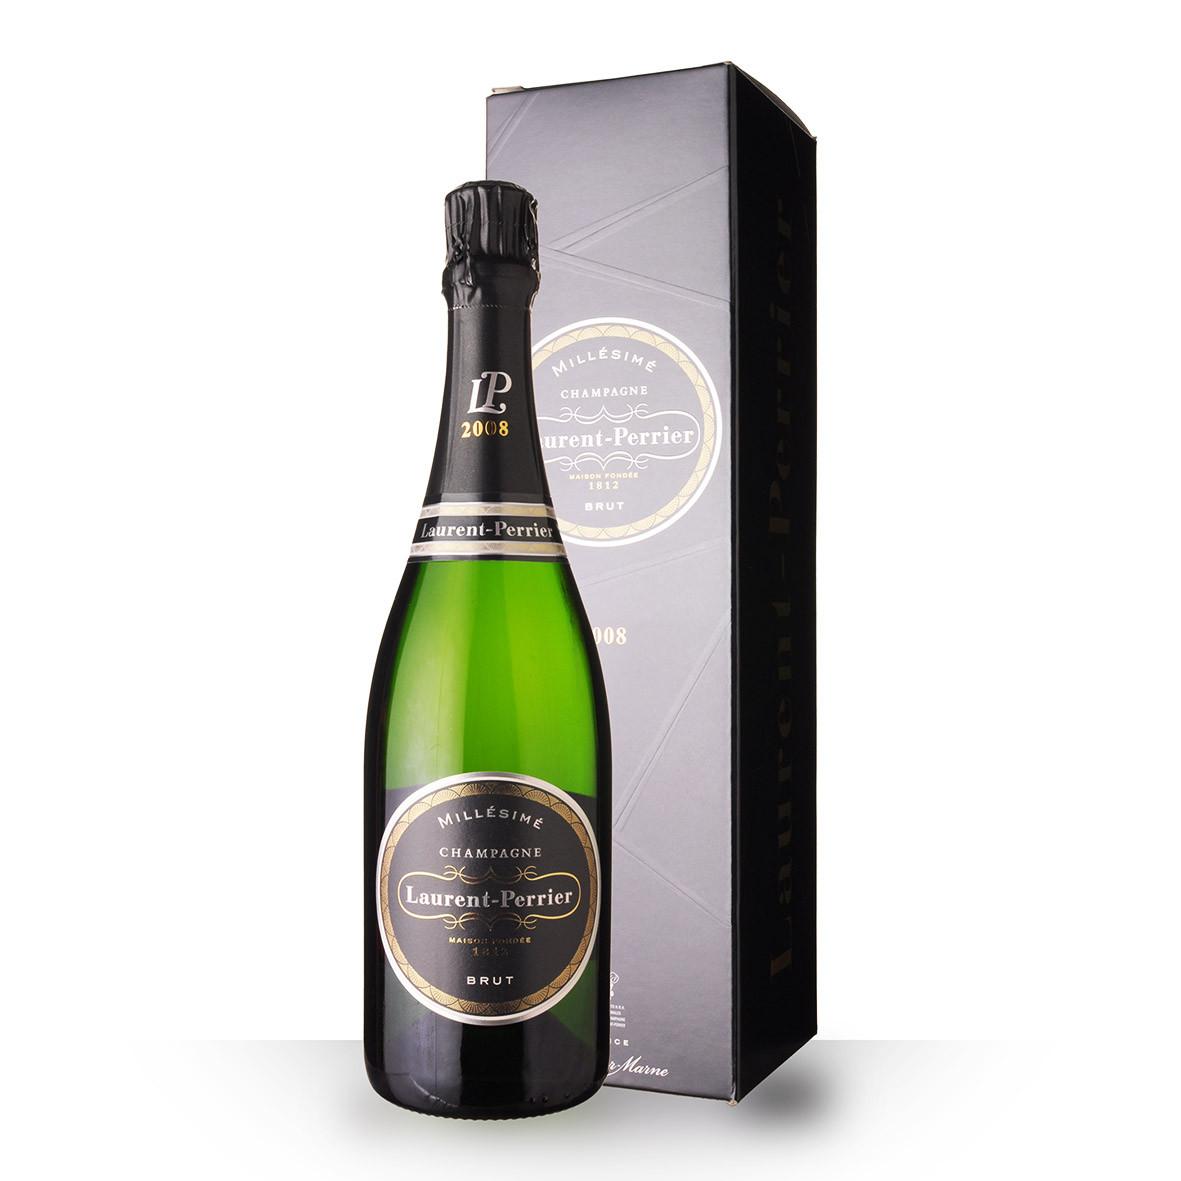 Champagne Laurent-Perrier Brut Millésimé 2008 75cl Etui www.odyssee-vins.com